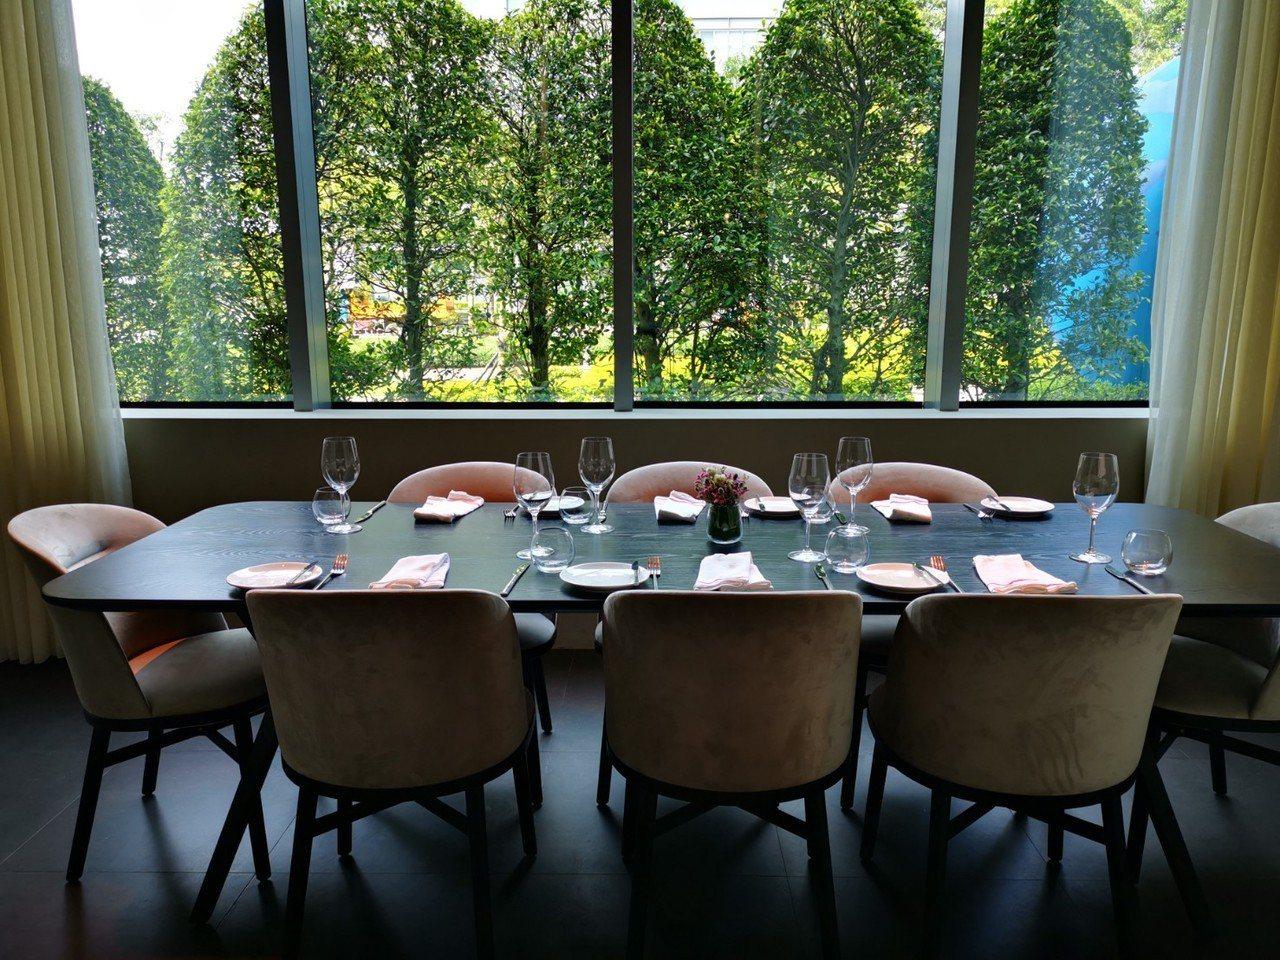 新竹英迪格CHAR bar&bistro餐廳的用餐空間,用餐空間寬敞,光線明亮,...